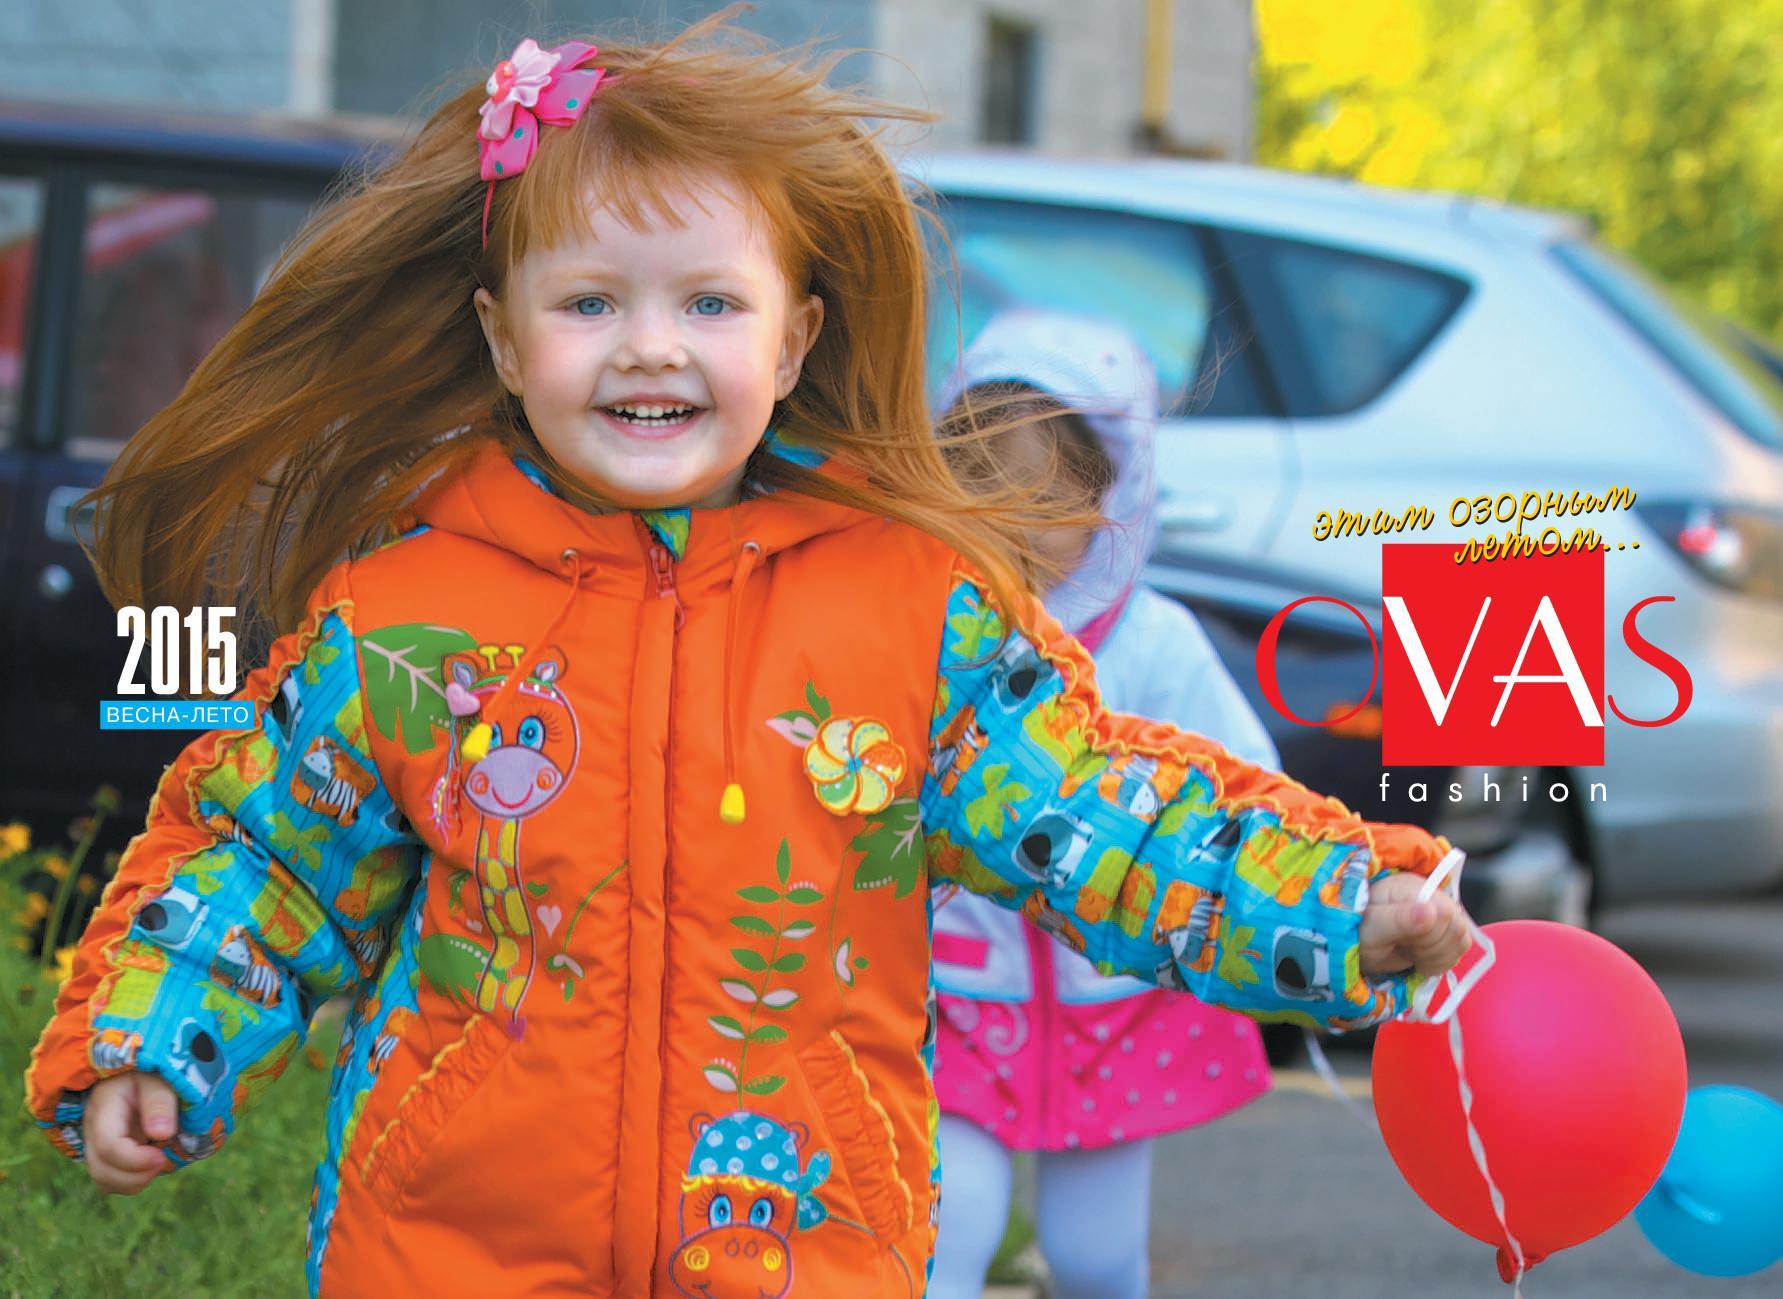 Сбор заказов. Современная, модная детская одежда Овас-16, а также спортивные костюмы, джинсы. Весна 2015г. Новая